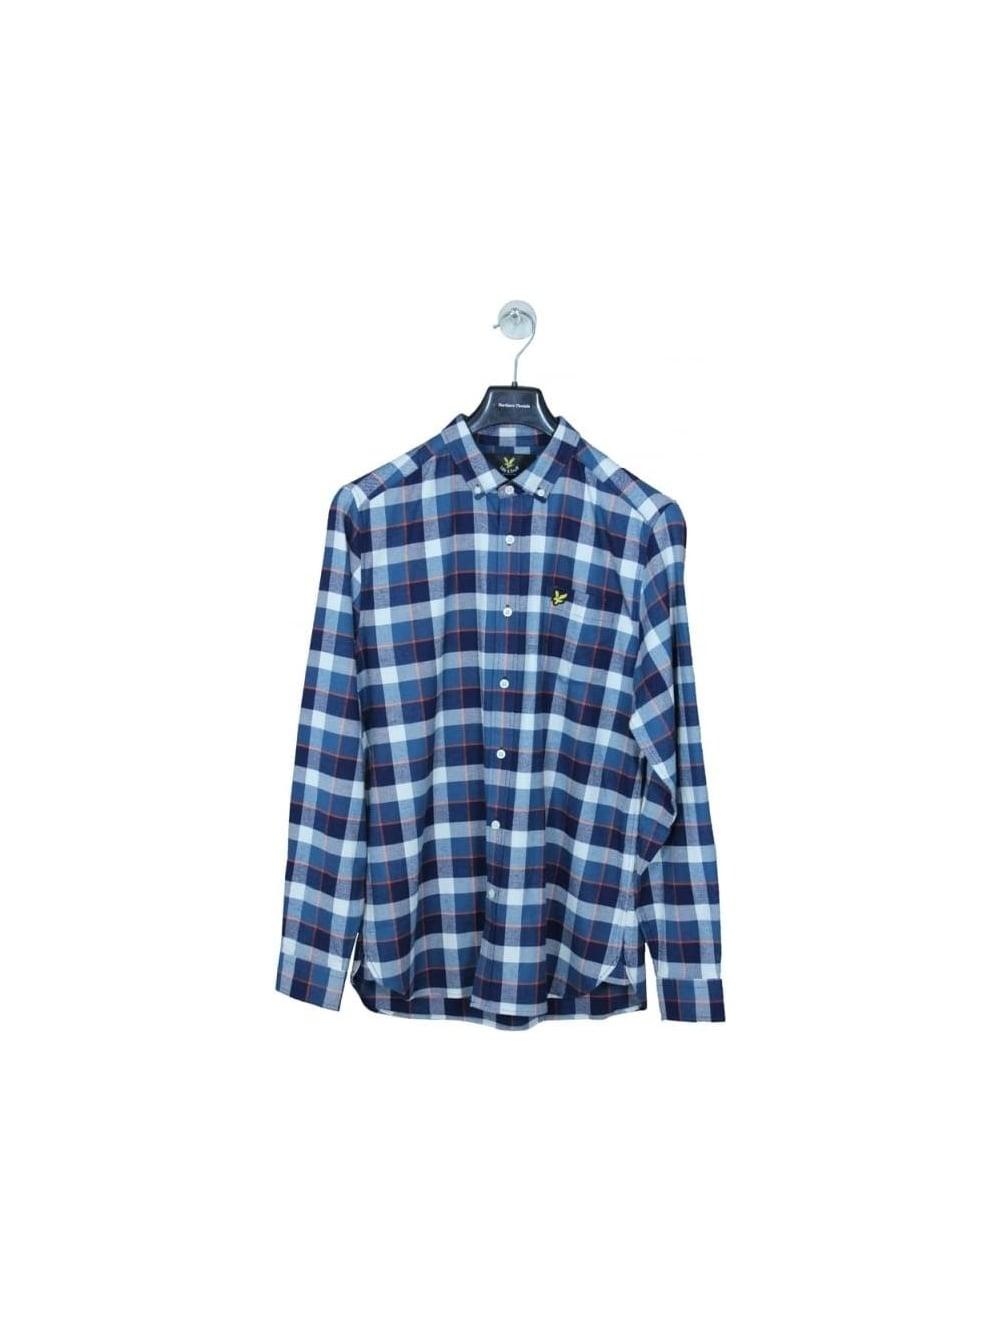 85c90de8b86f Lyle   Scott Check Flannel Shirt in Off White - Northern Threads